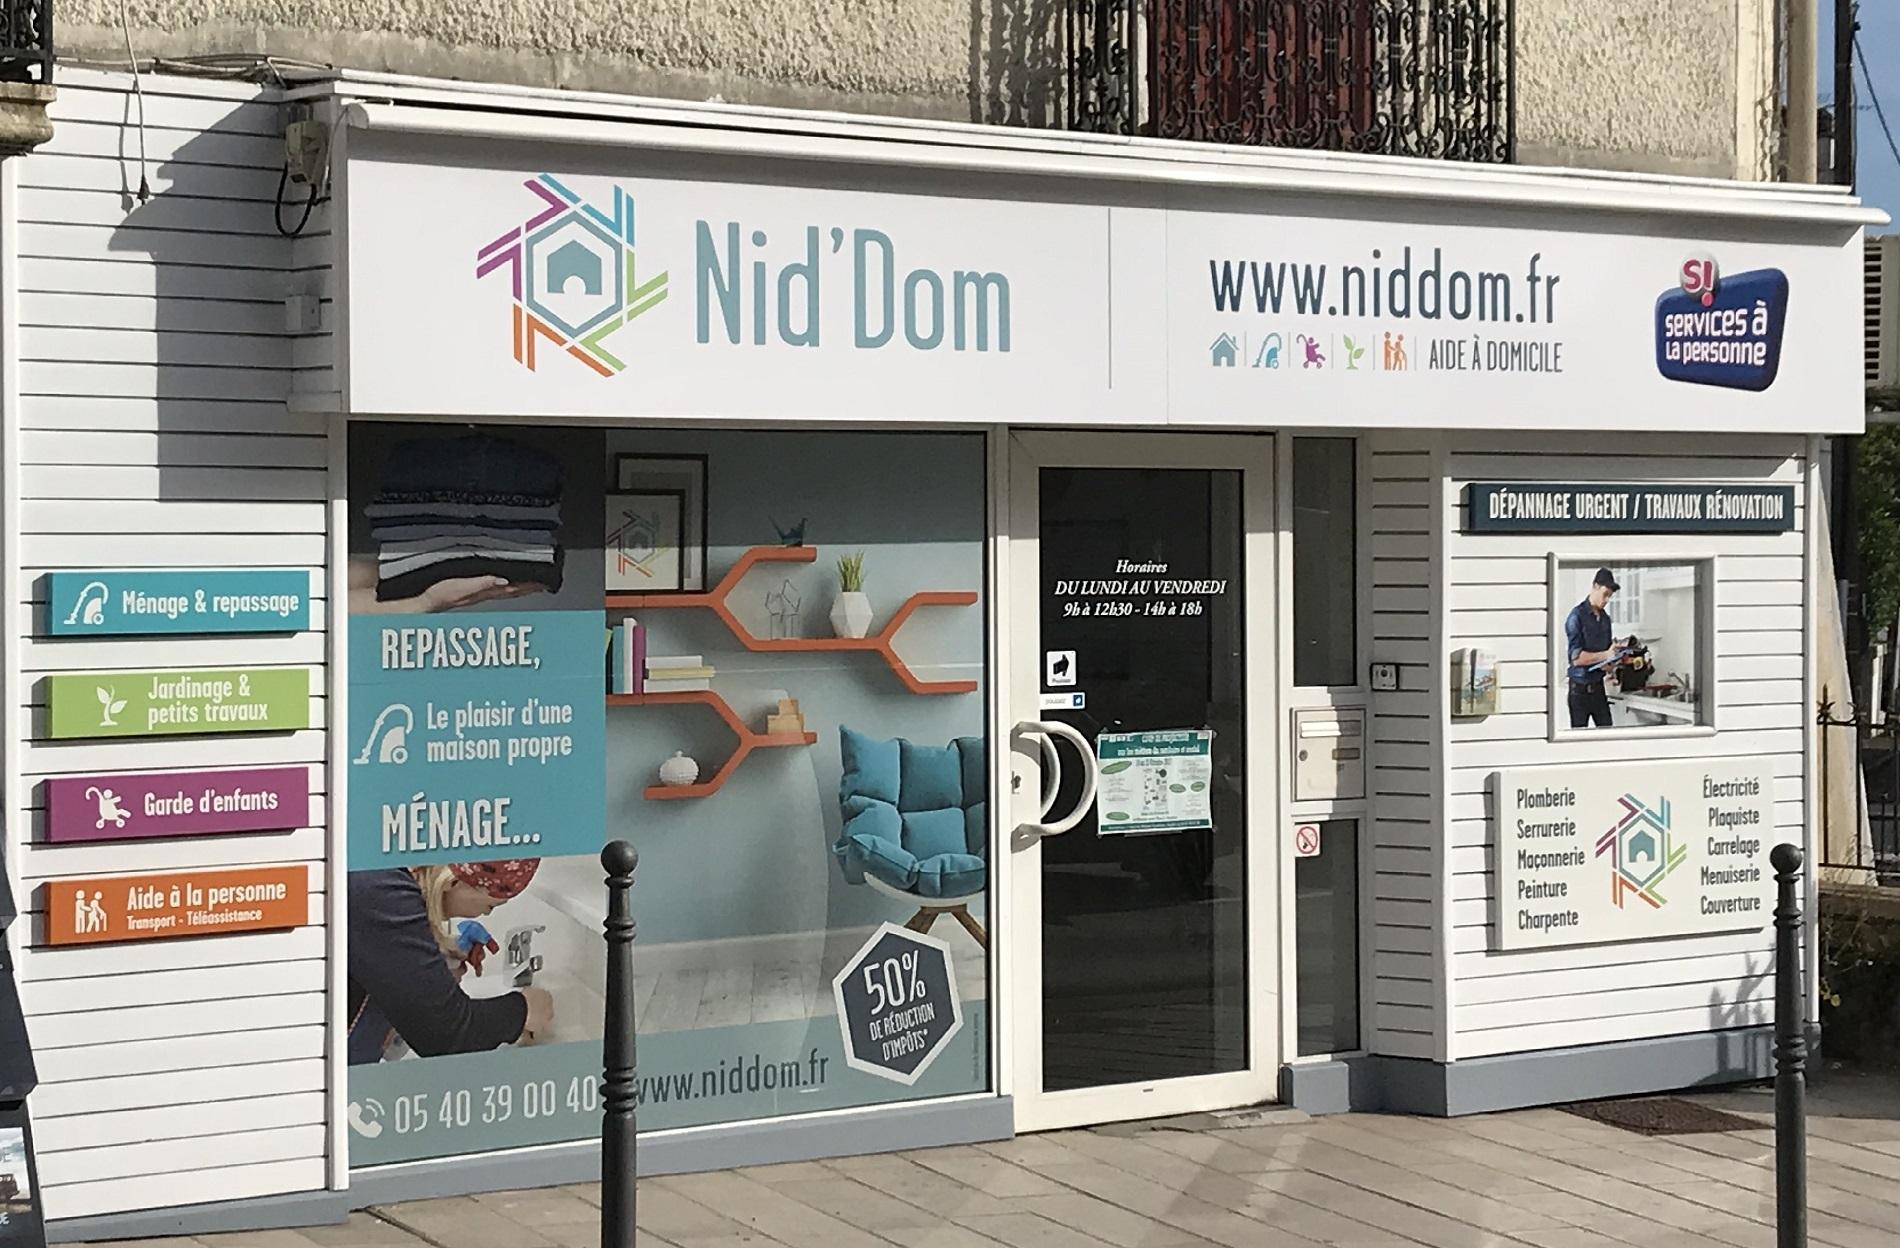 Nid'Dom vous propose des services Ménage, repassage, Aide à Domicile sur Anglet, Bayonne, Biarritz....